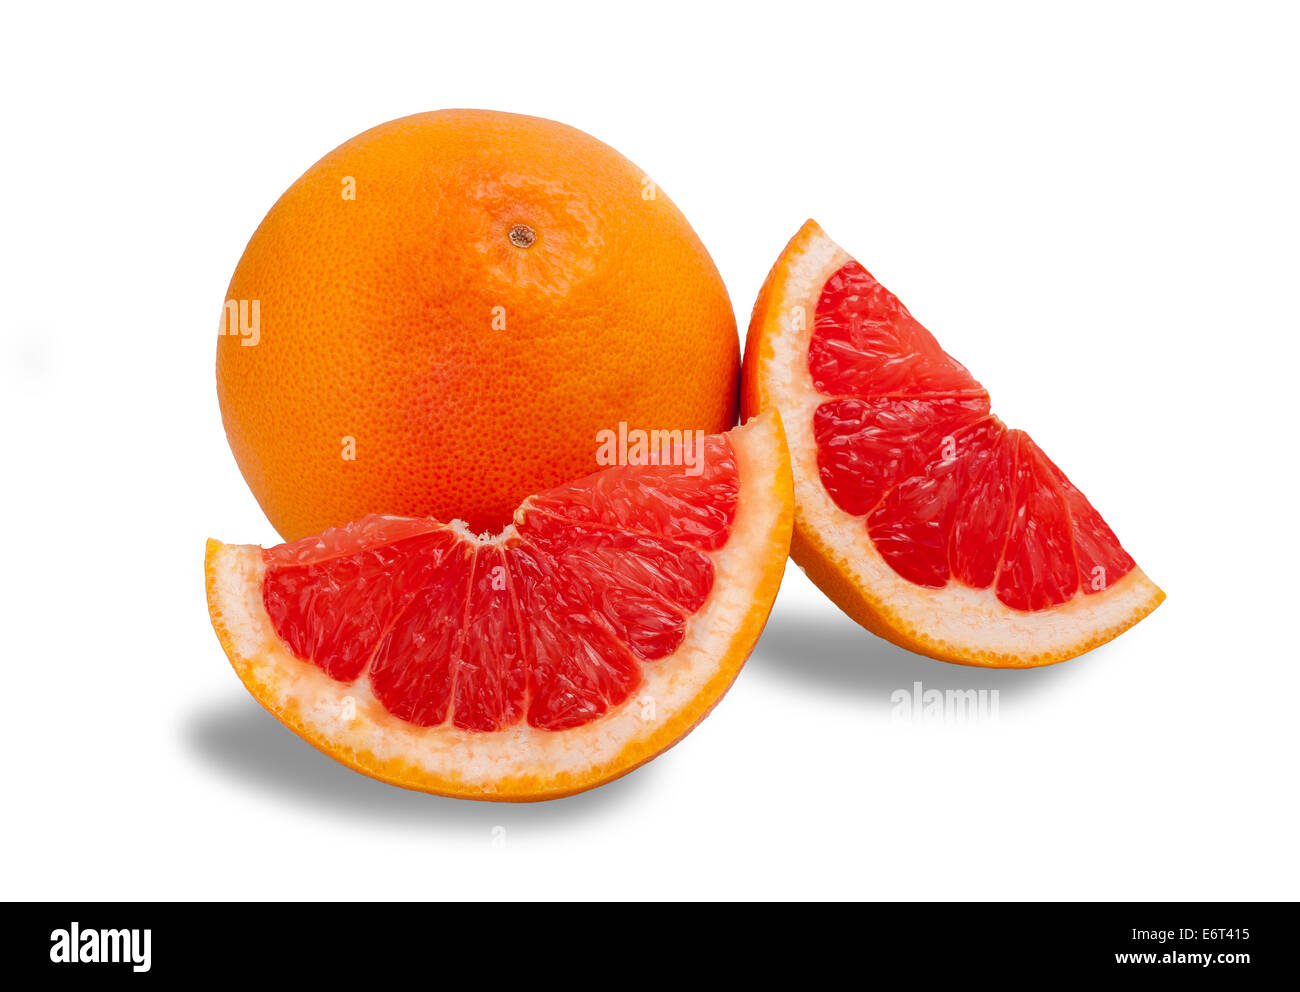 Ripe grapefruit isolated on white background - Stock Image